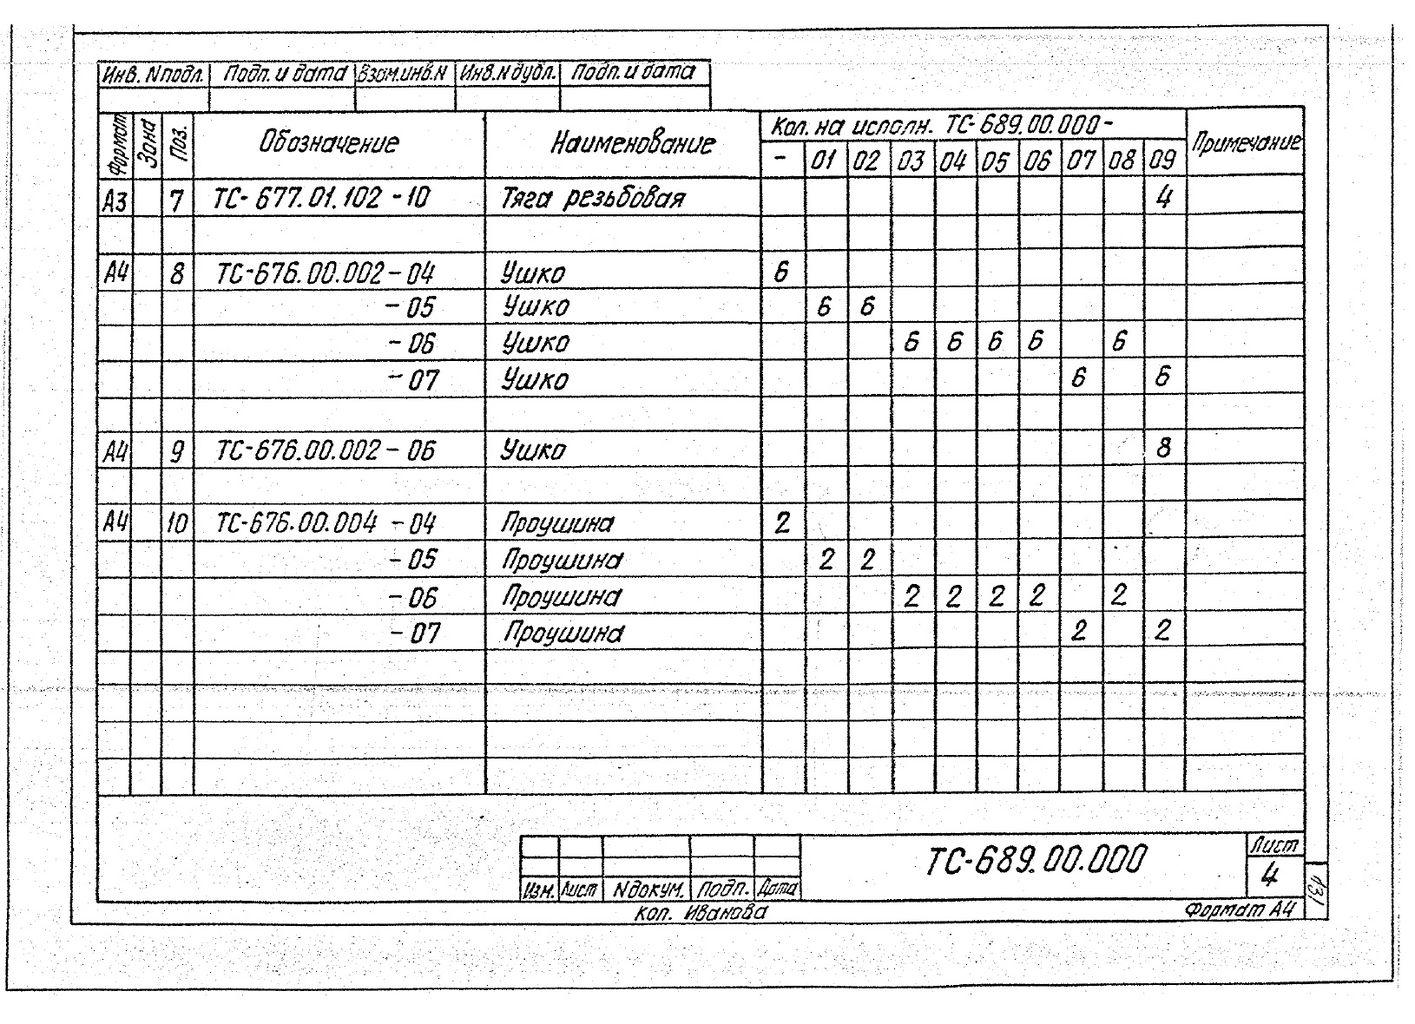 Подвески пружинные для горизонтальных трубопроводов Дн 377-1420 мм ТС-689.00.000 СБ серия 5.903-13 выпуск 6-95 стр.8